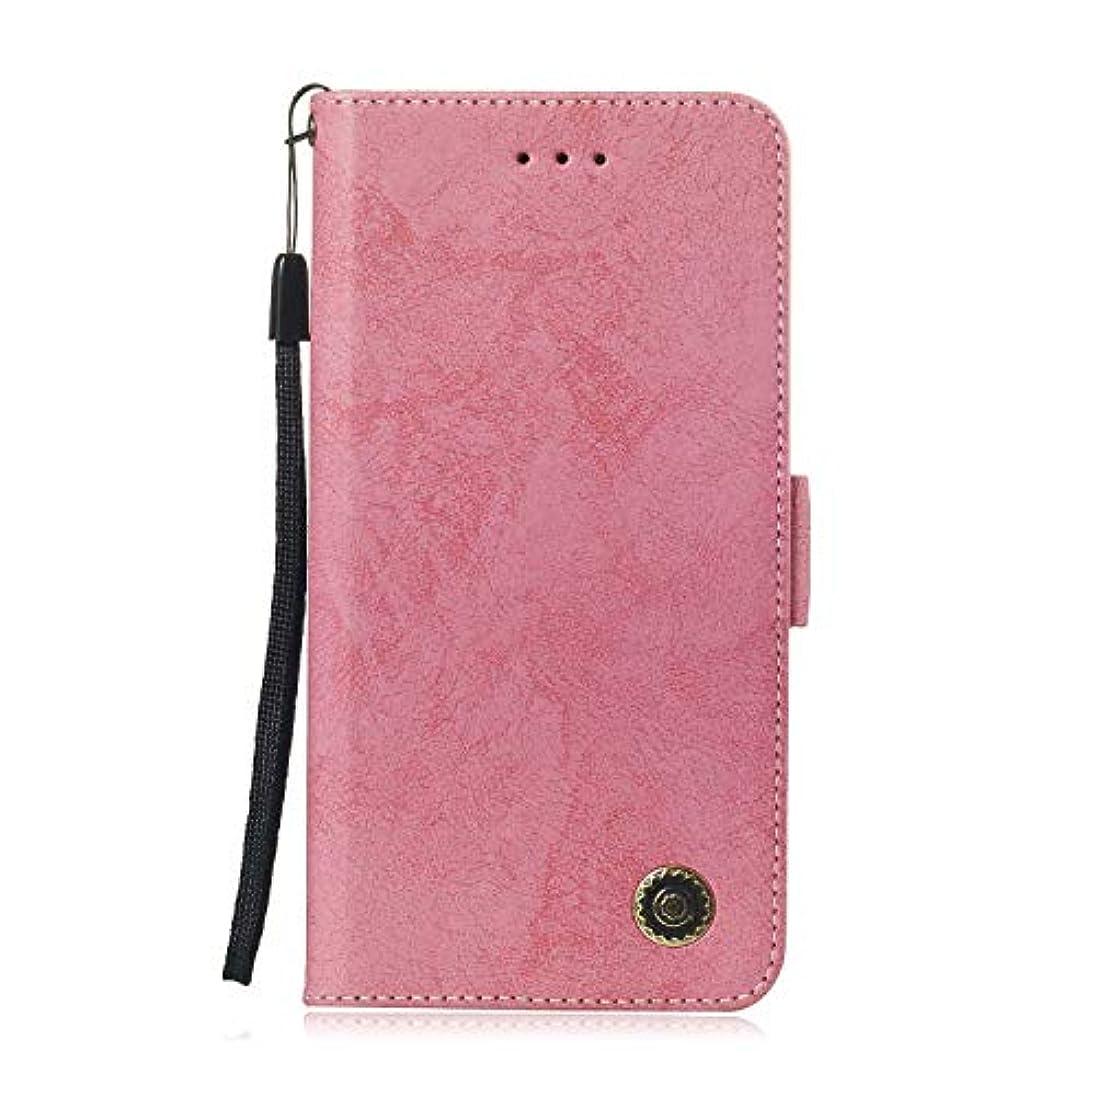 とは異なりごめんなさい柱Zeebox® Huawei Honor 8C 手帳型ケース Huawei Honor 8C 手帳型カバー 財布型 合皮PUレザー マグネット式 保護ケース カード収納 スタンド 機能 (ピンク #3)